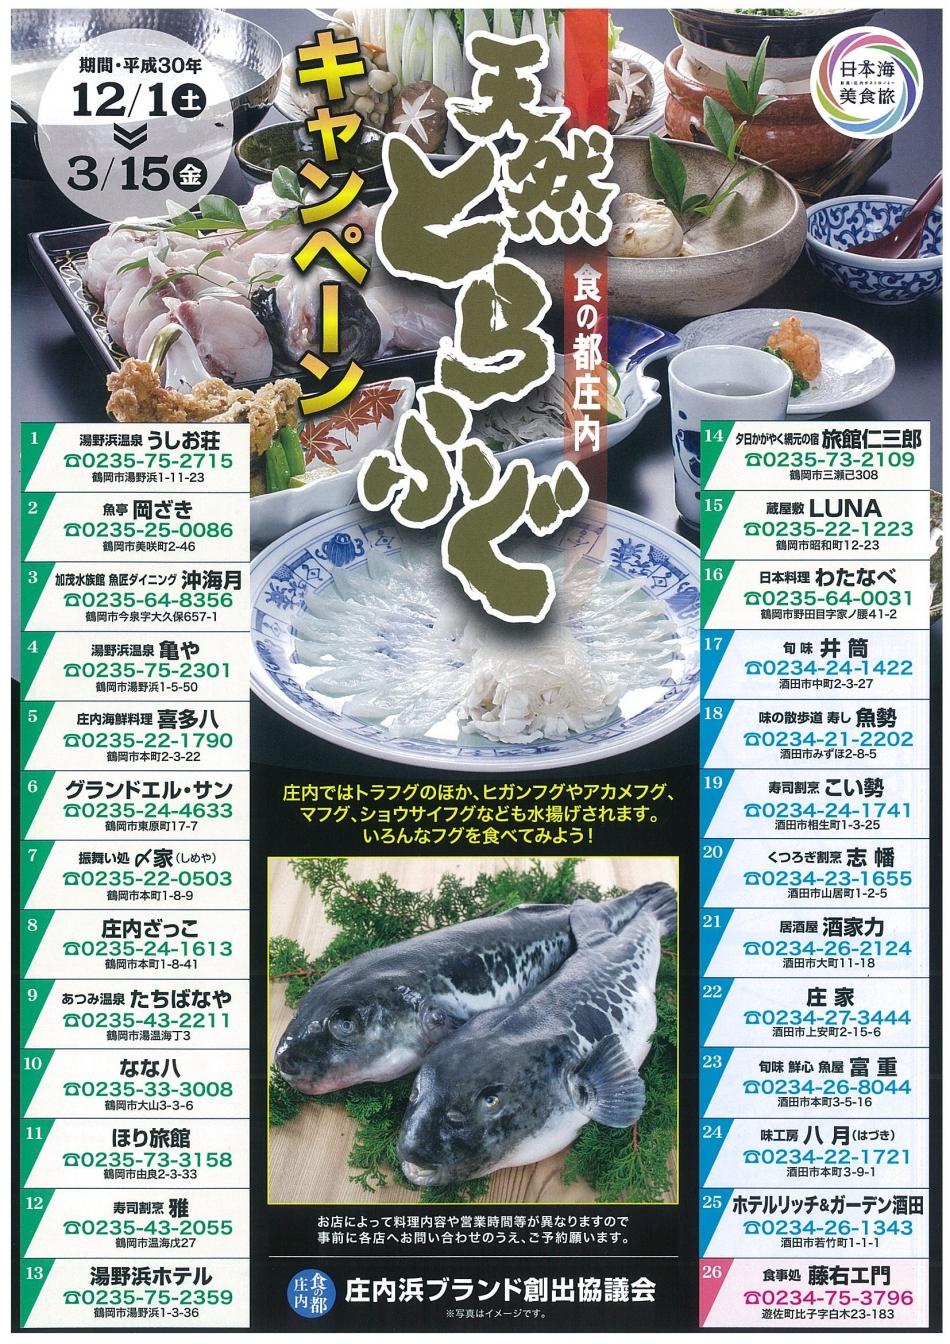 食の都庄内「天然とらふぐ」キャンペーンが開催中!【12月1日(土)~3月15日(金)】